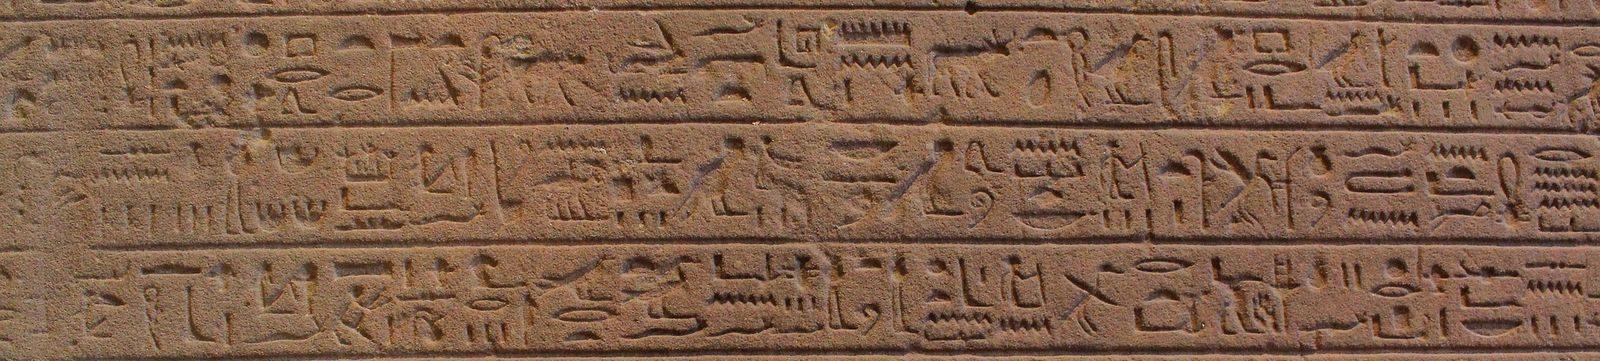 Thutmose II.